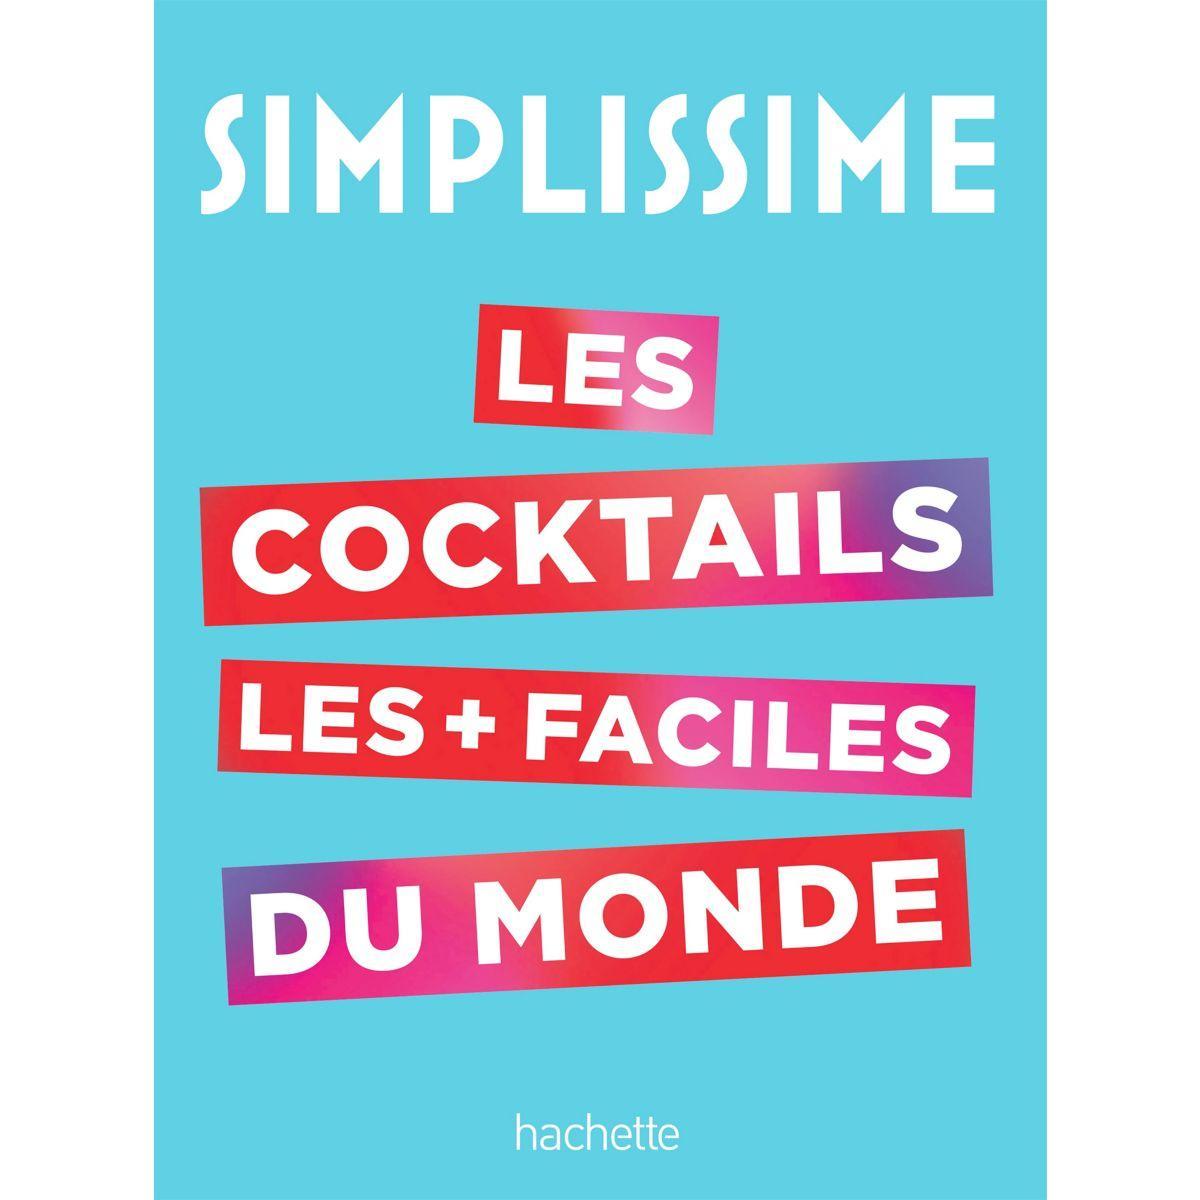 Livre de cuisine hachette simplissime les cocktails (photo)